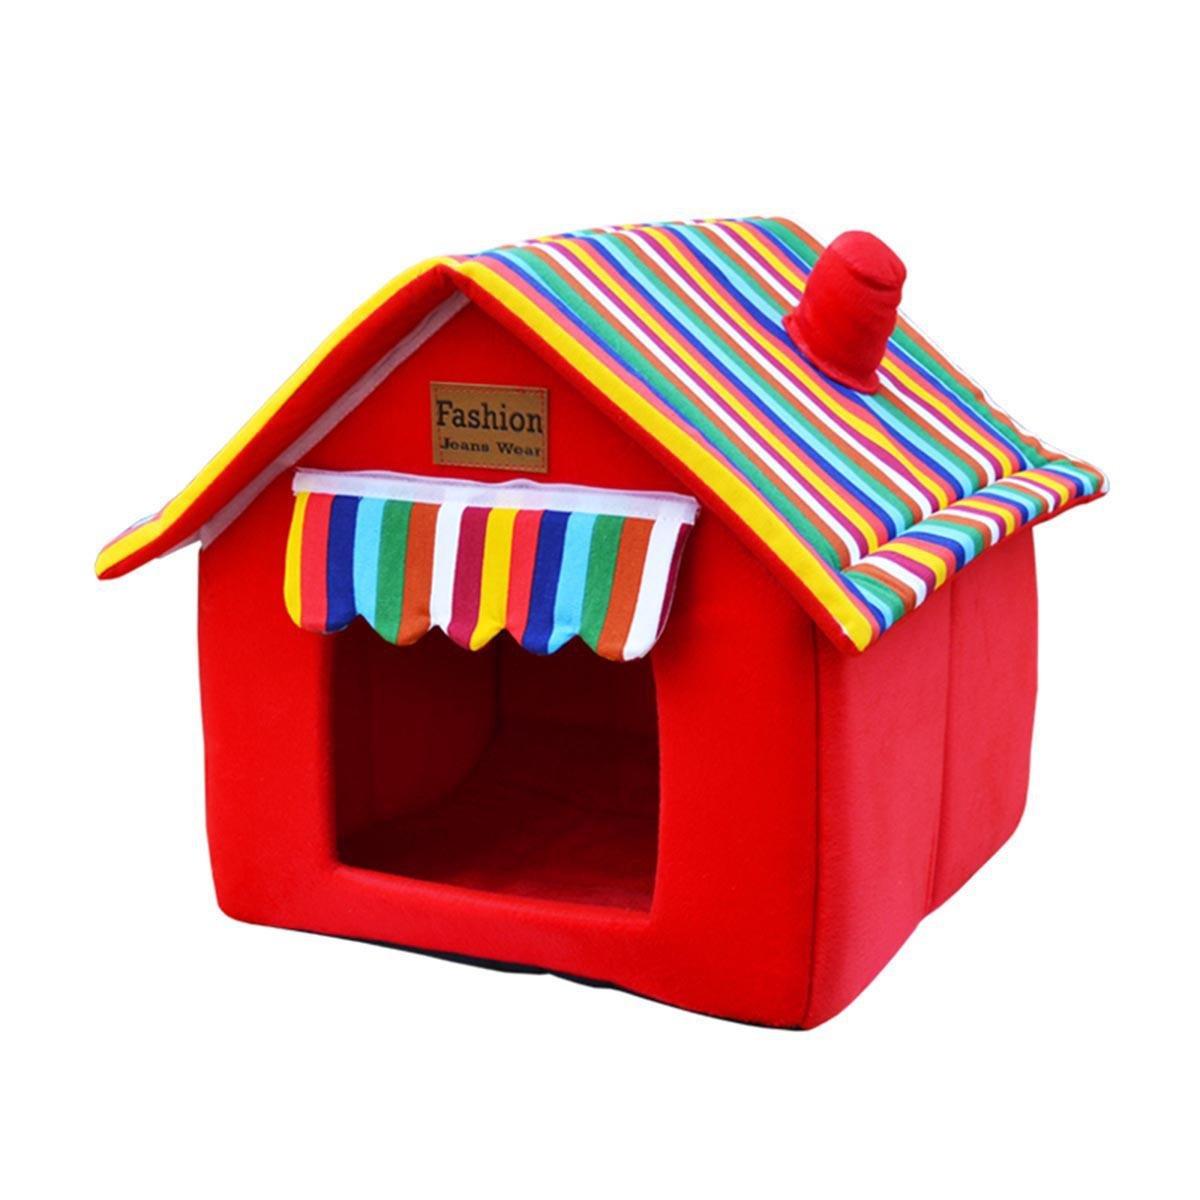 Pet Pet Pet Waterloo Nido di gatto Nido di cuccioli Lavabile estate quattro stagioni Teddy Cani di piccola taglia Casa del cane canile Forniture per cani , 001 , XL 6252c8